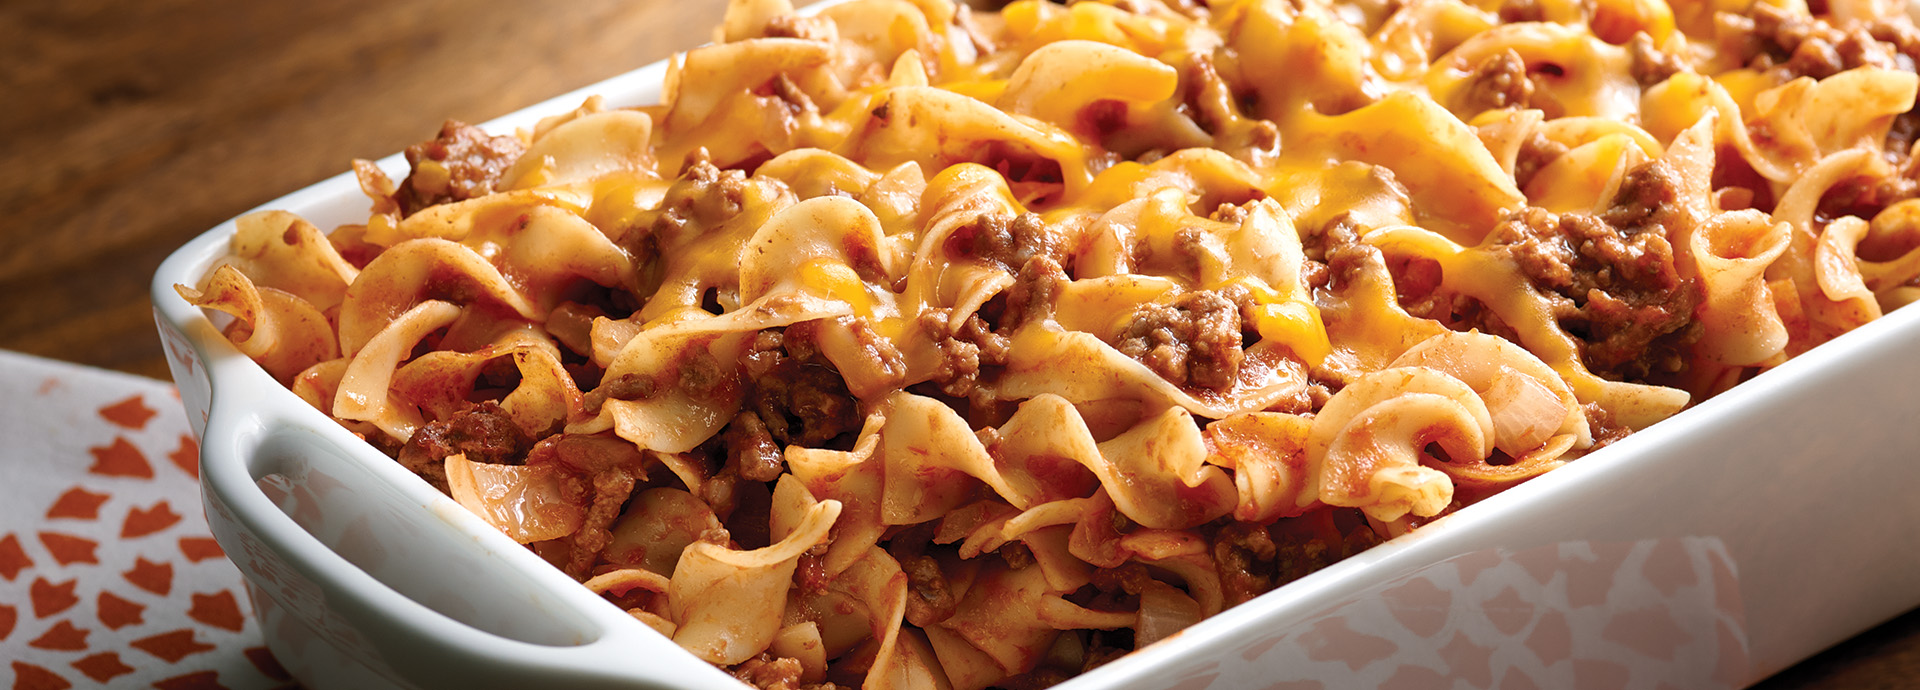 Creamette 174 Beef Noodle Casserole